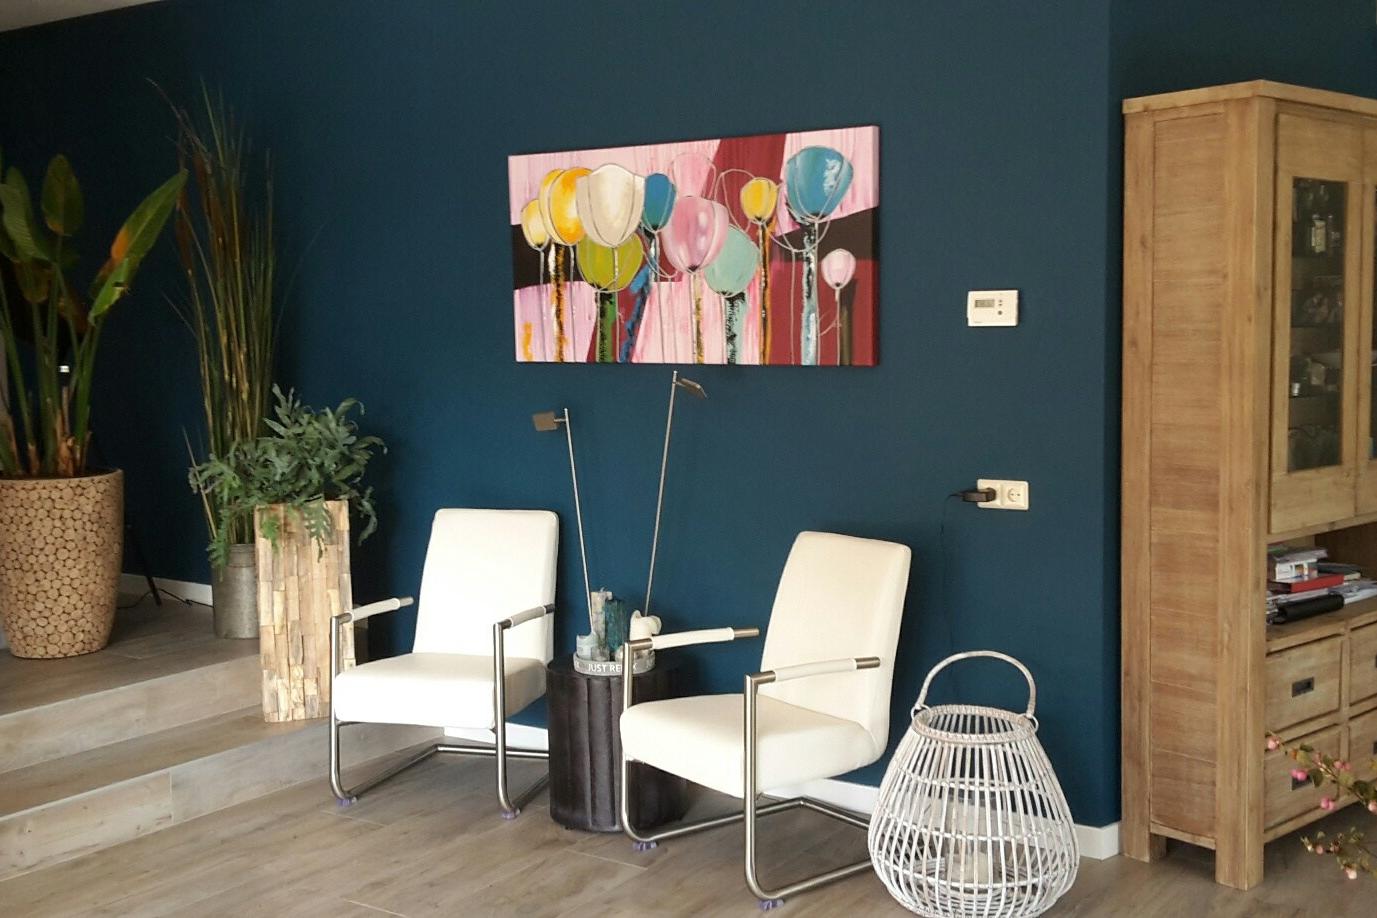 Blauwe muur in woonkamer na kleuradvies aan huis